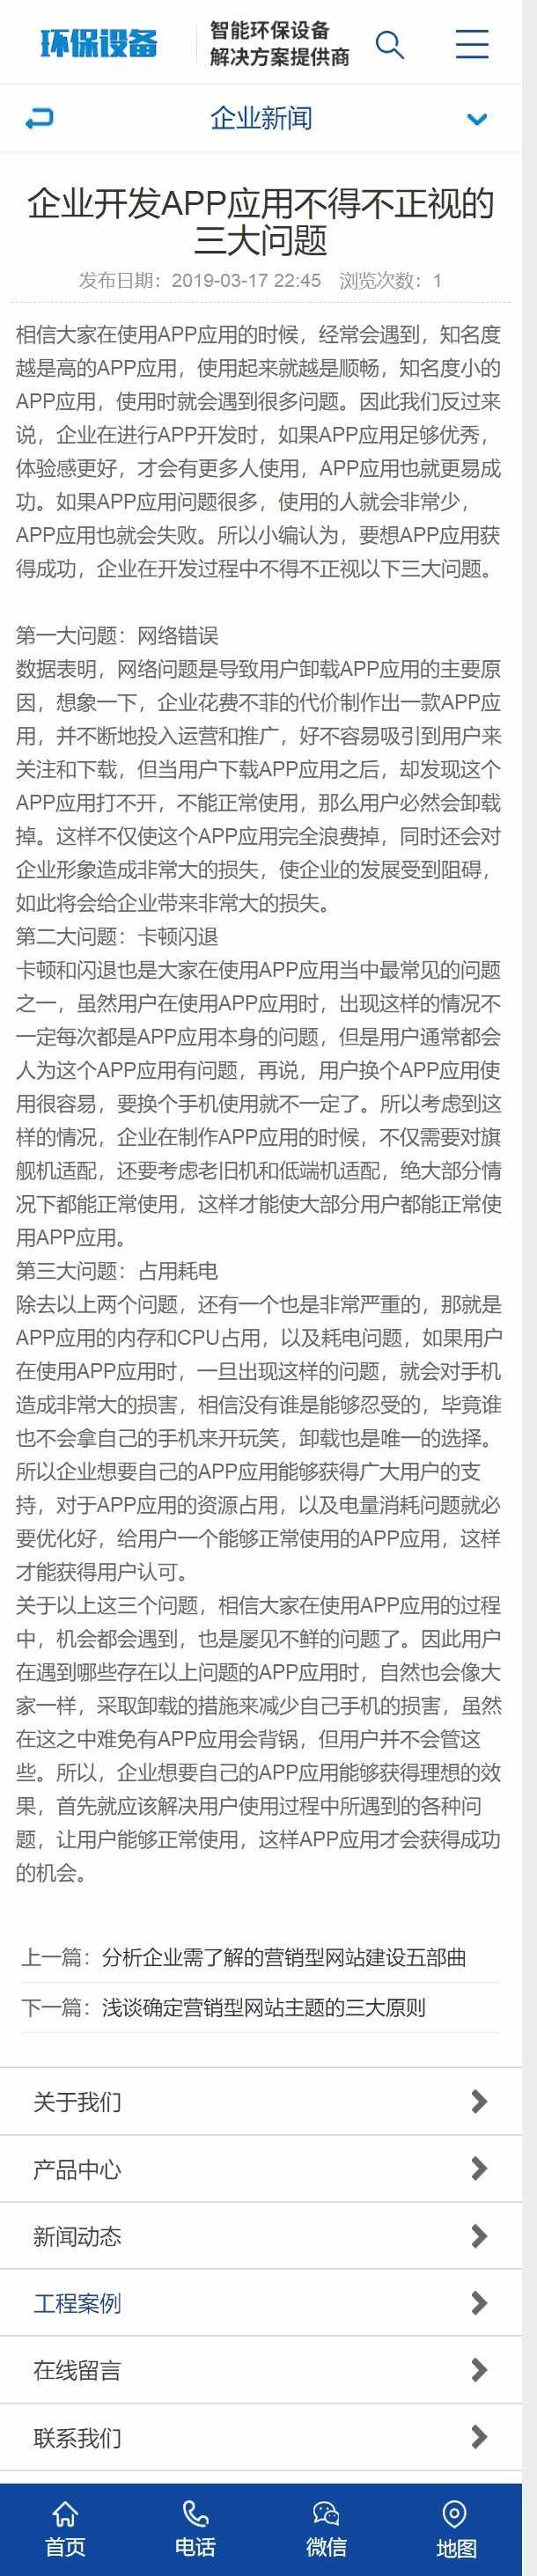 手机新闻内容页